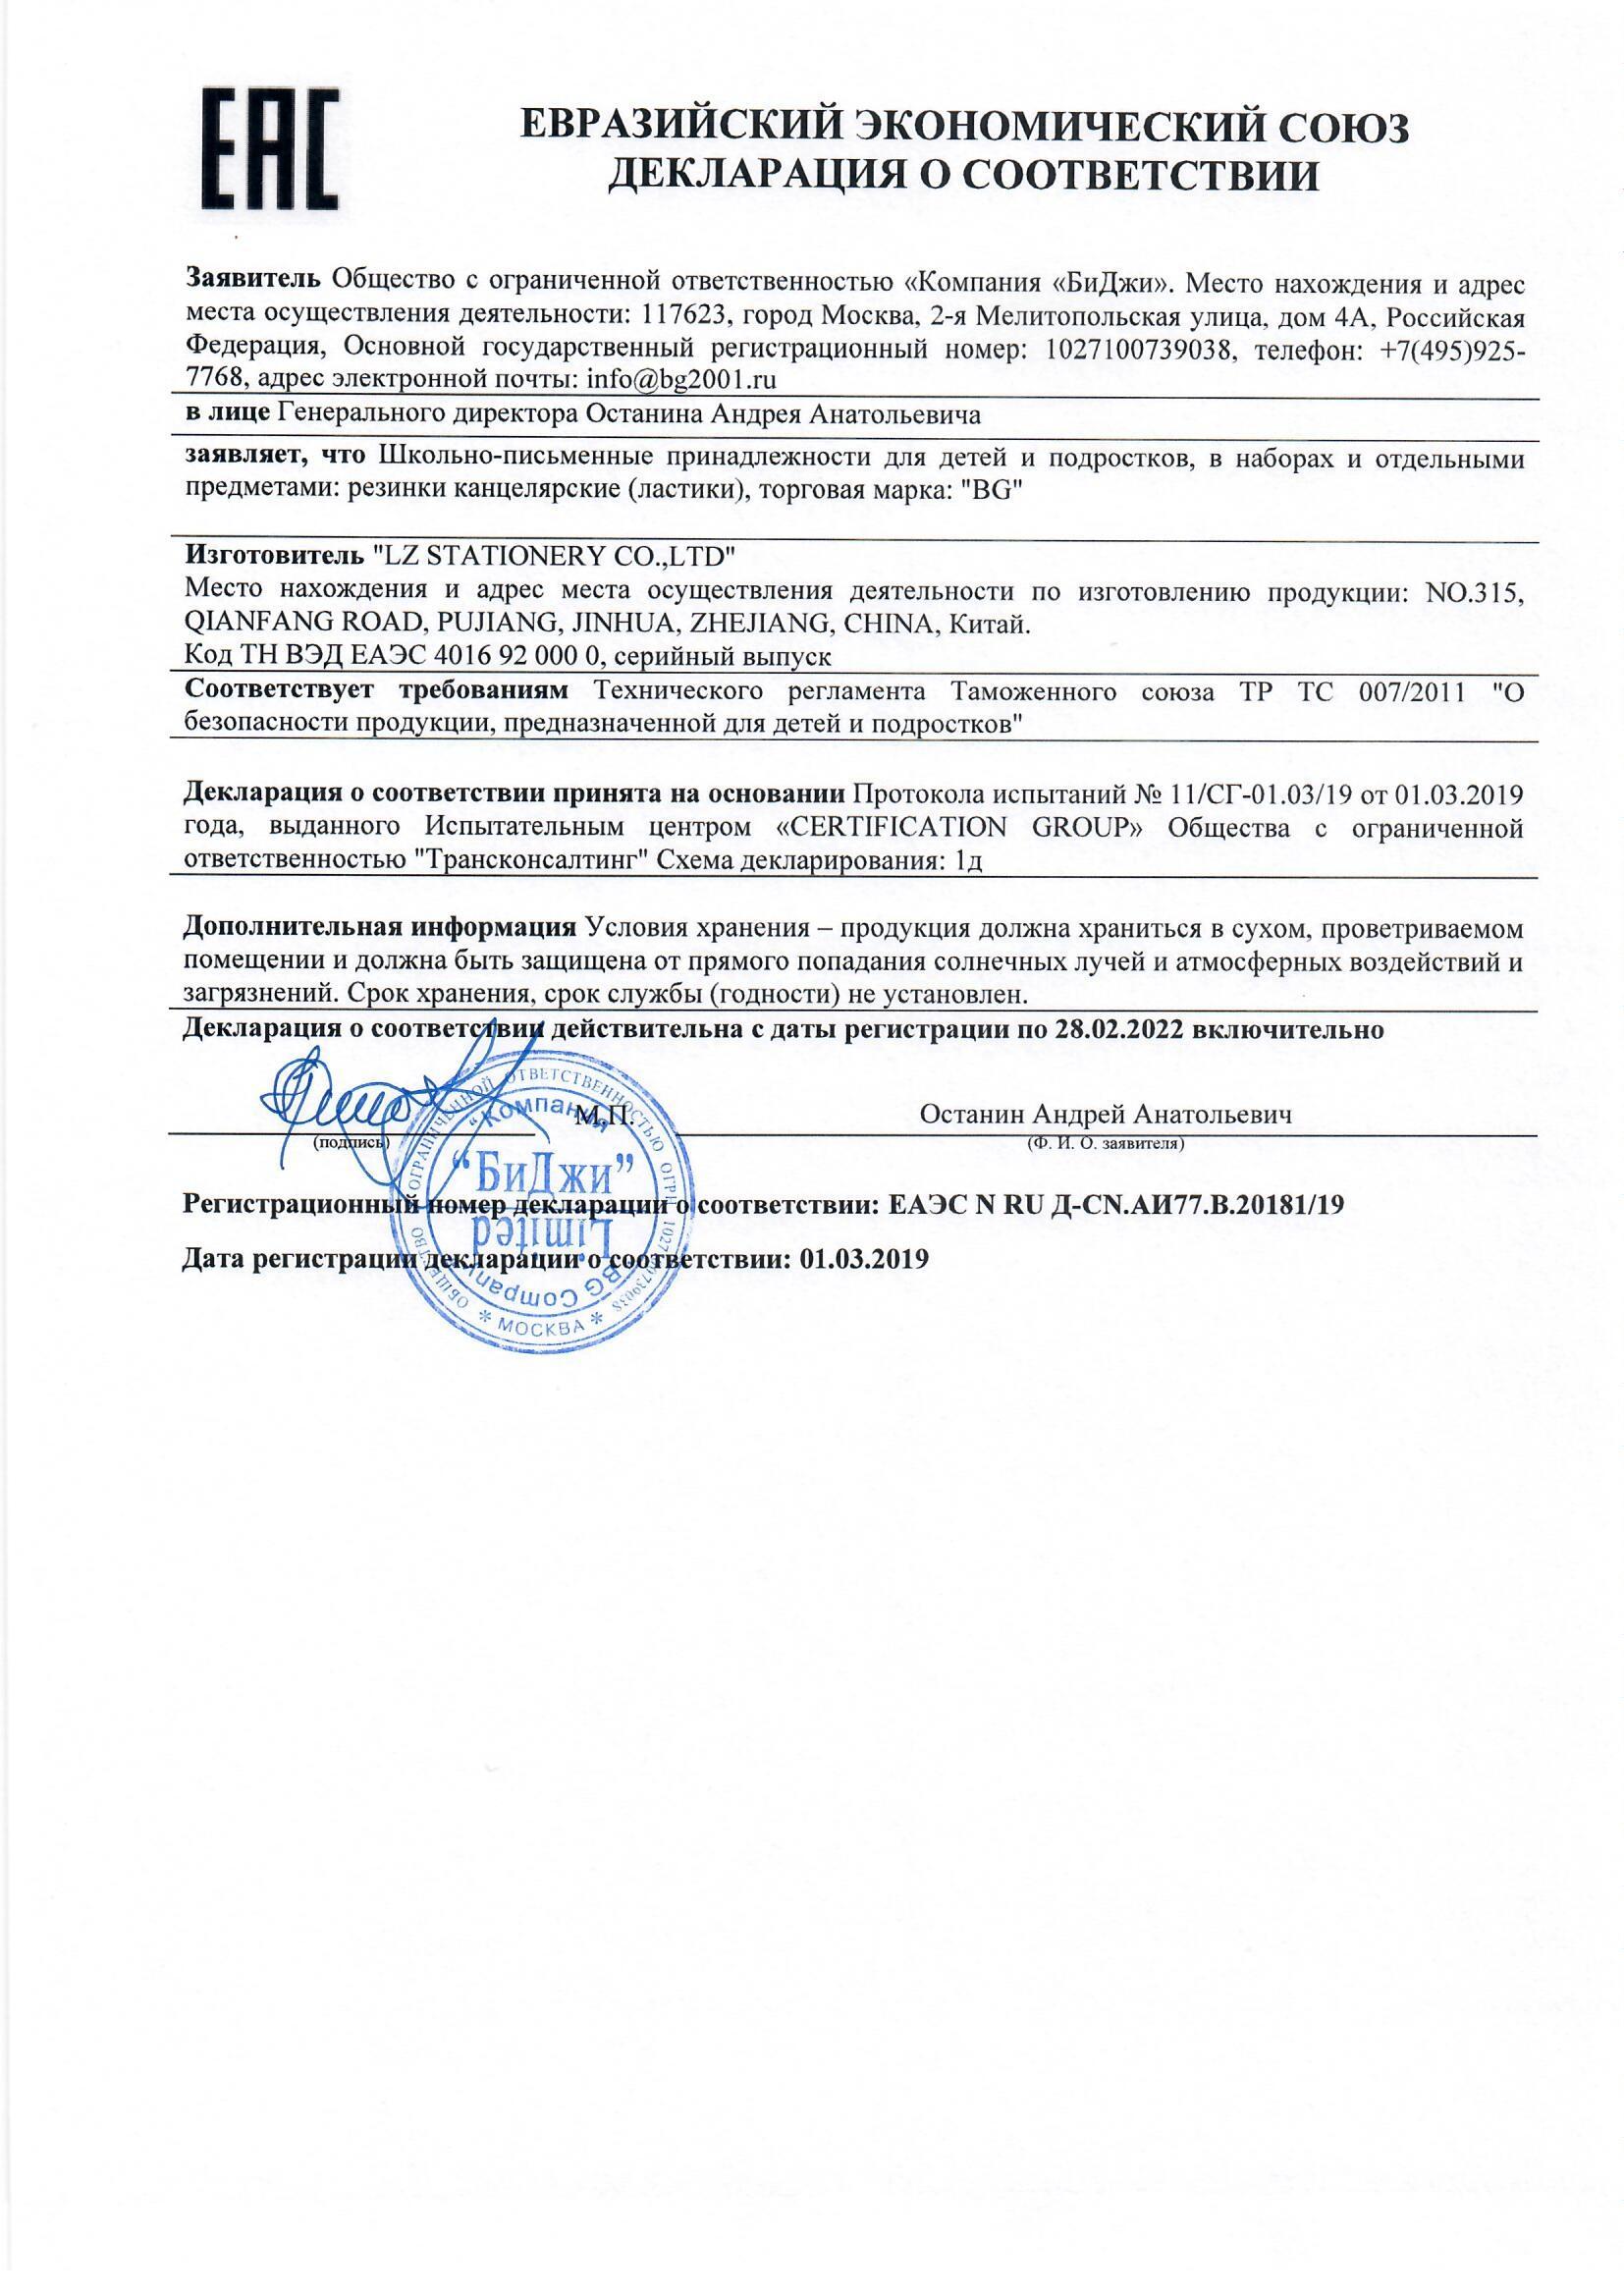 BG Ластики LZ Stationery (по 28.02.22)